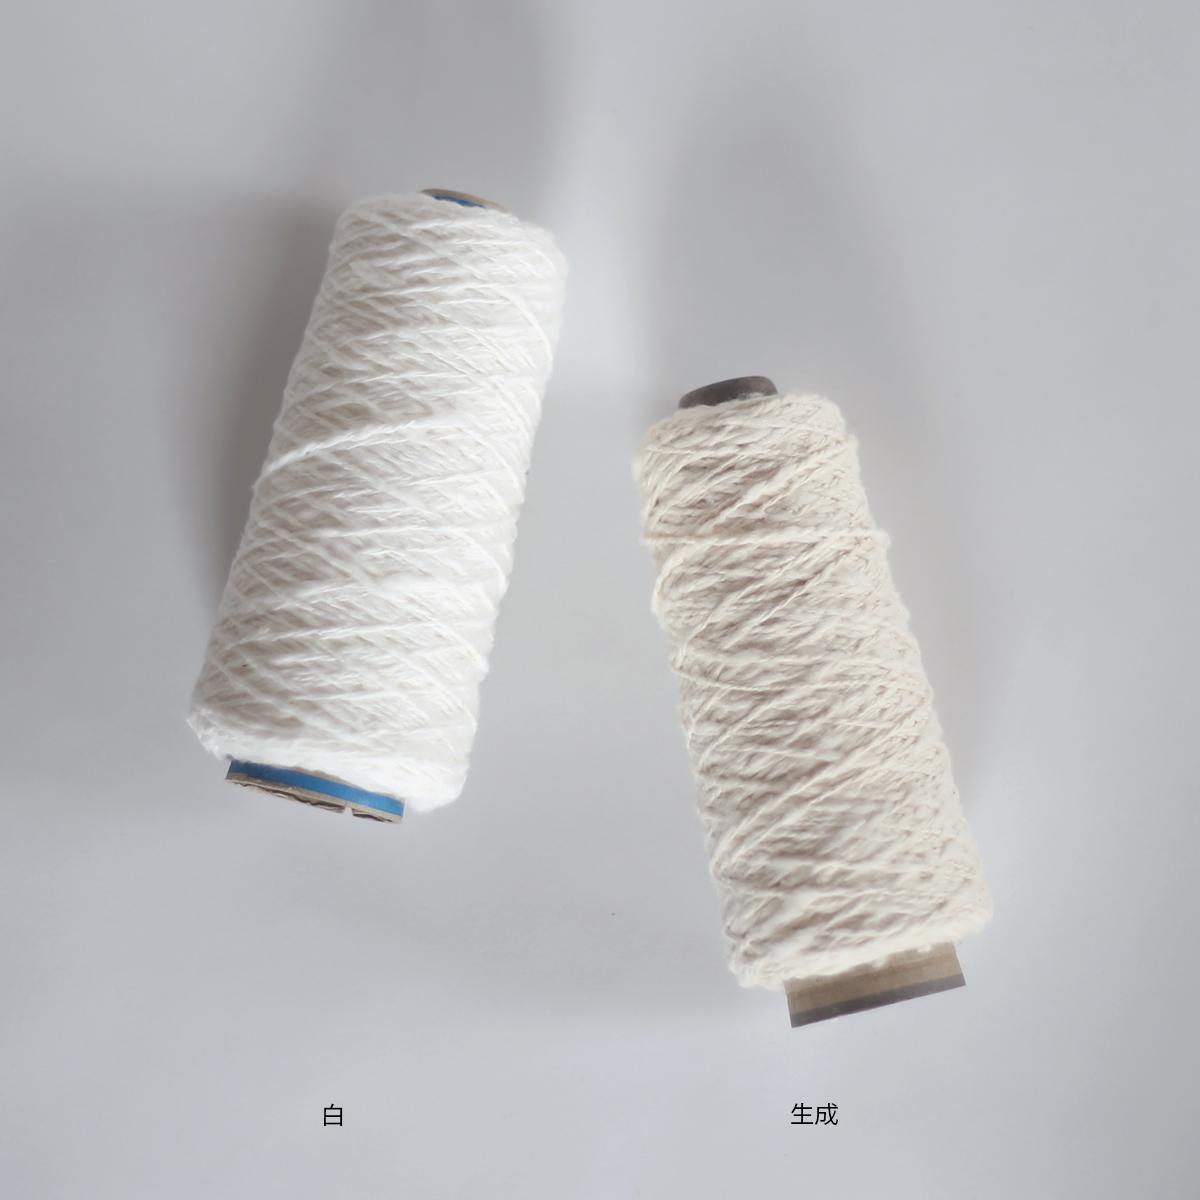 ガラ紡 双糸 100g 1玉 /編み糸/織り糸/毛糸/綿糸/オーガニックコットン